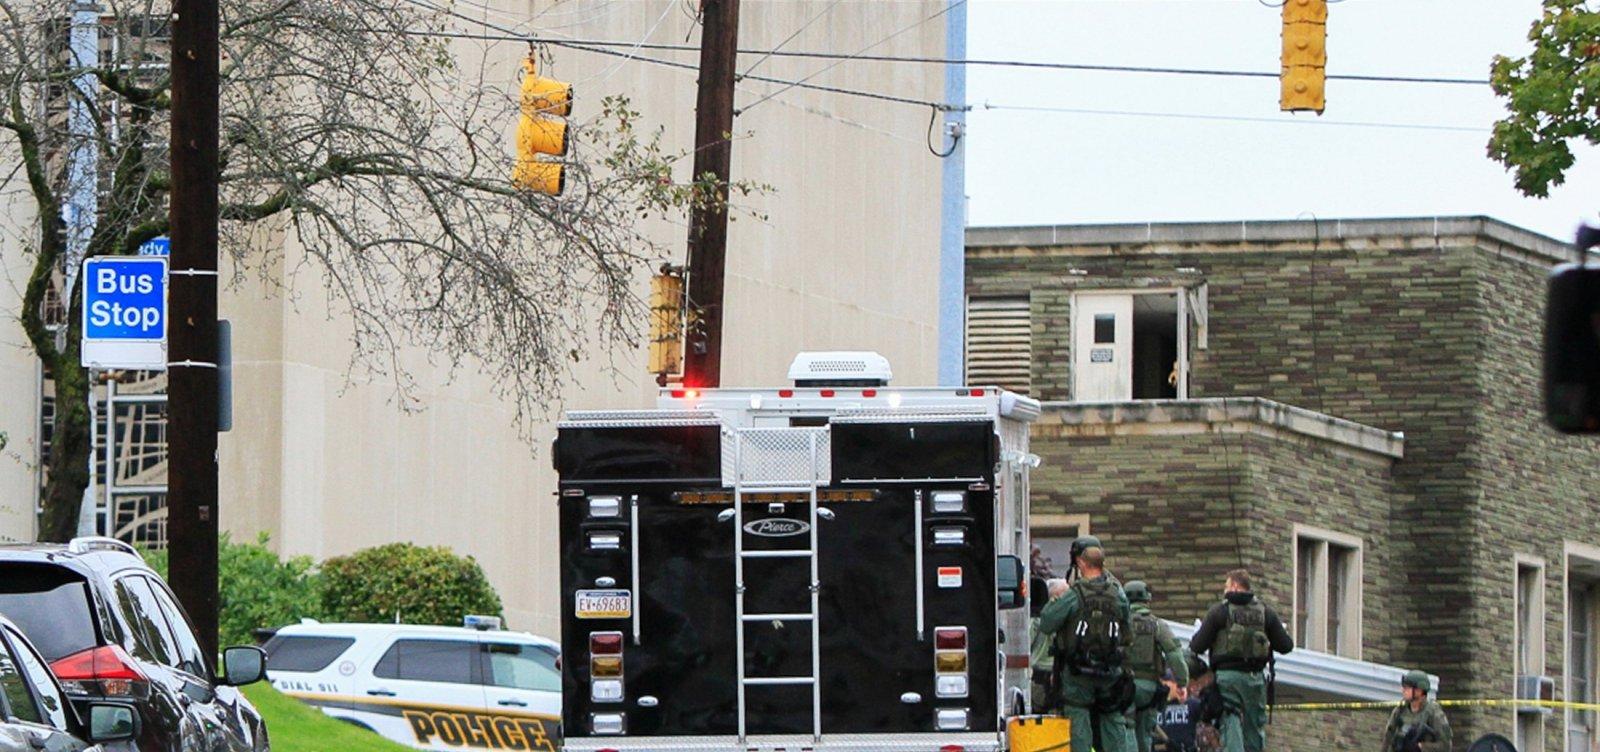 [Atirador que matou 11 pessoas em sinagoga nos EUA fazia posts antissemitas na web]